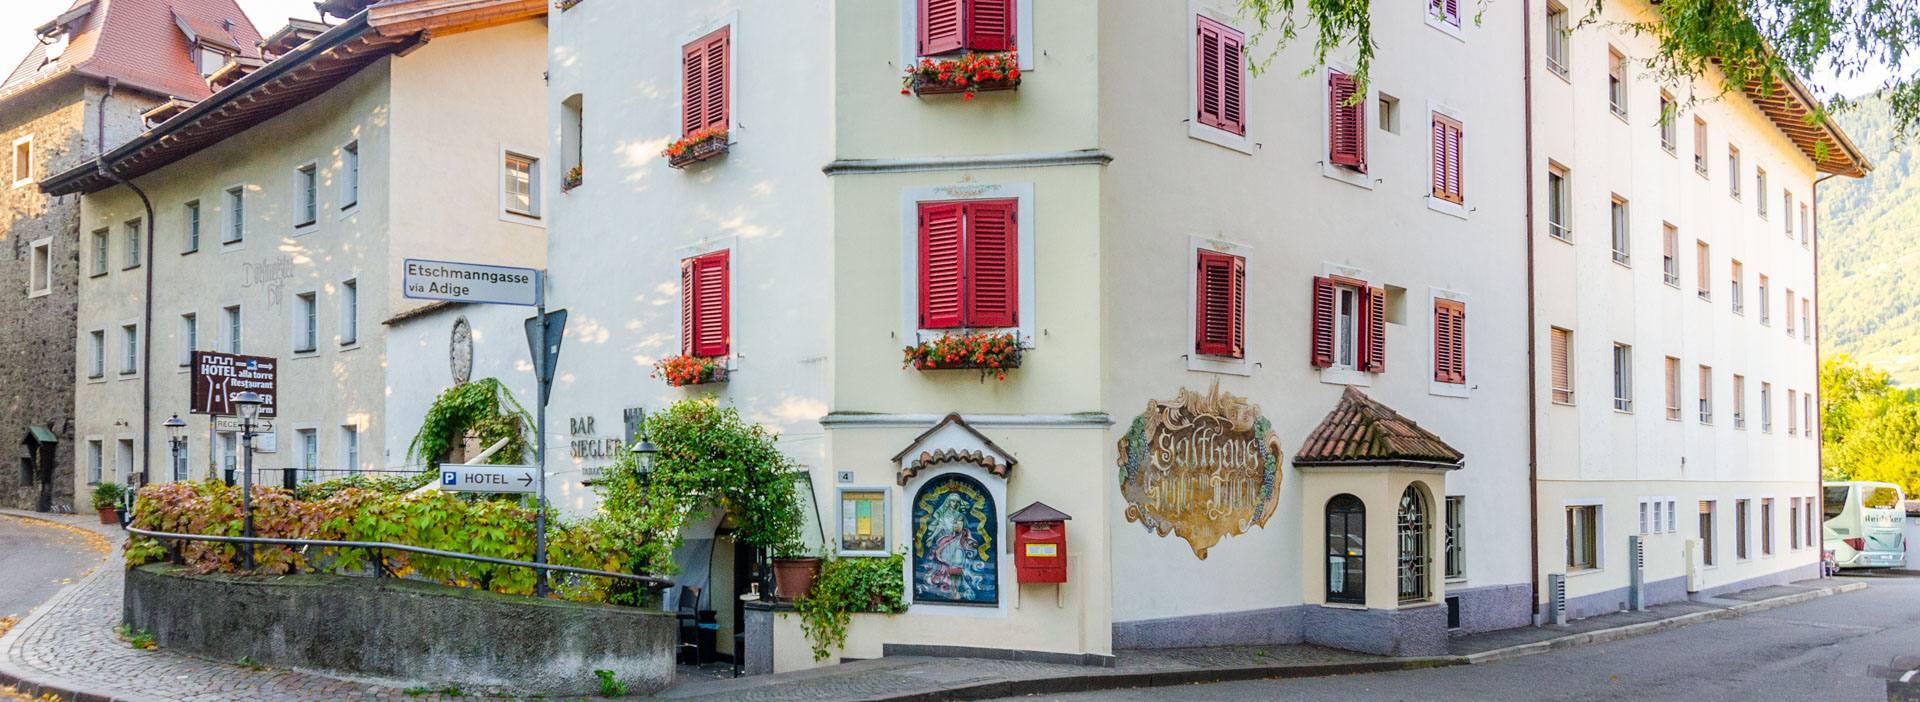 Hotel Siegler im Thurm